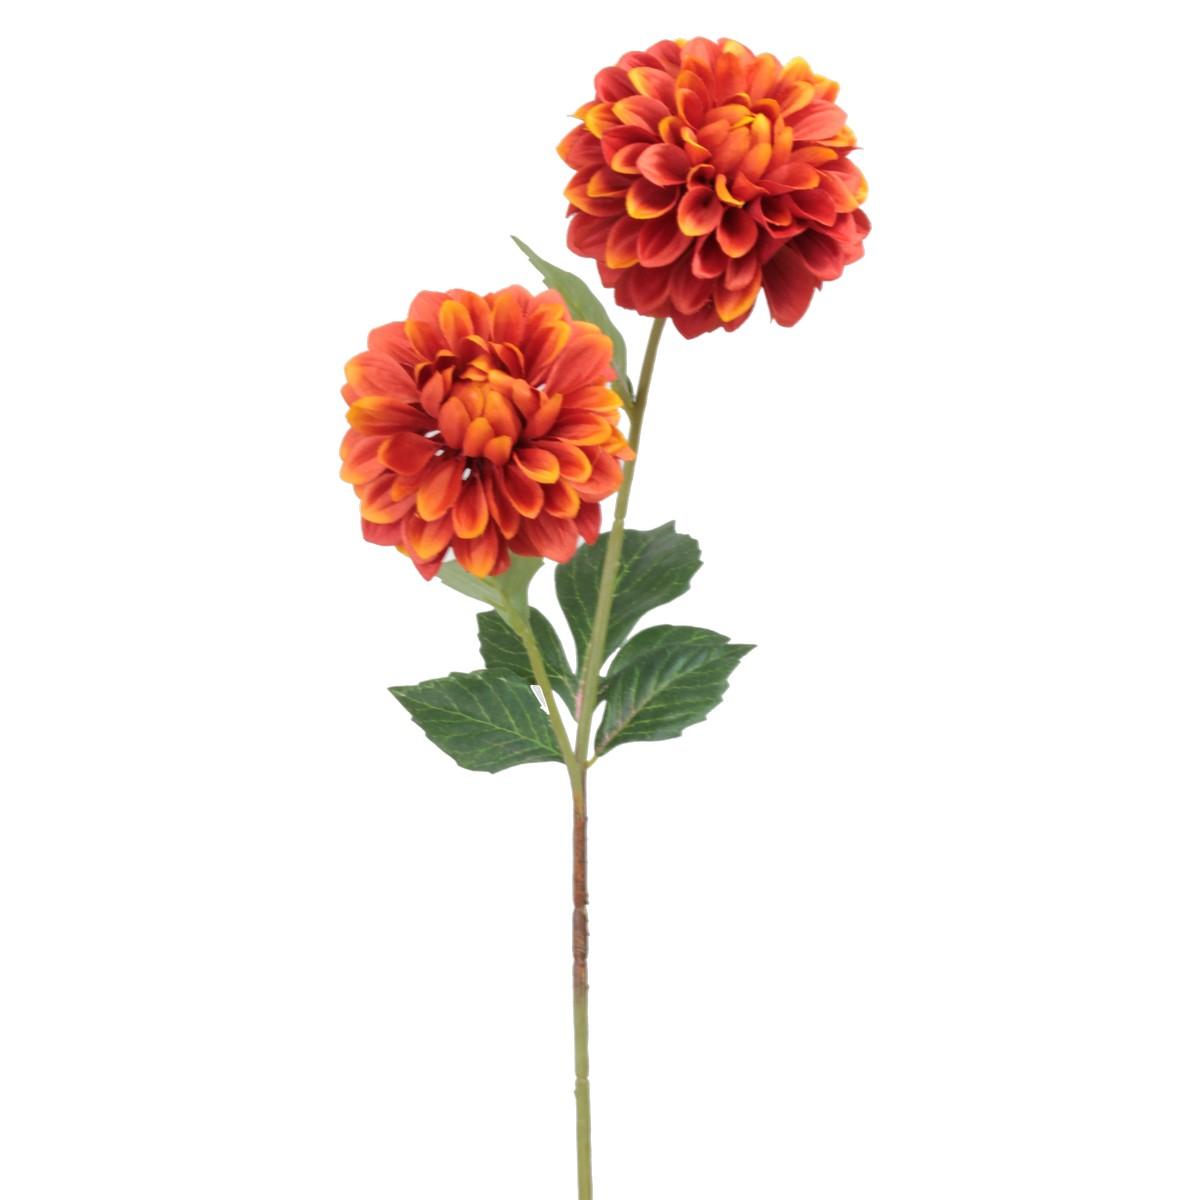 【造花】パレ/ダリアスプレー オレンジ/P-8291-25【01】【取寄】[12本]